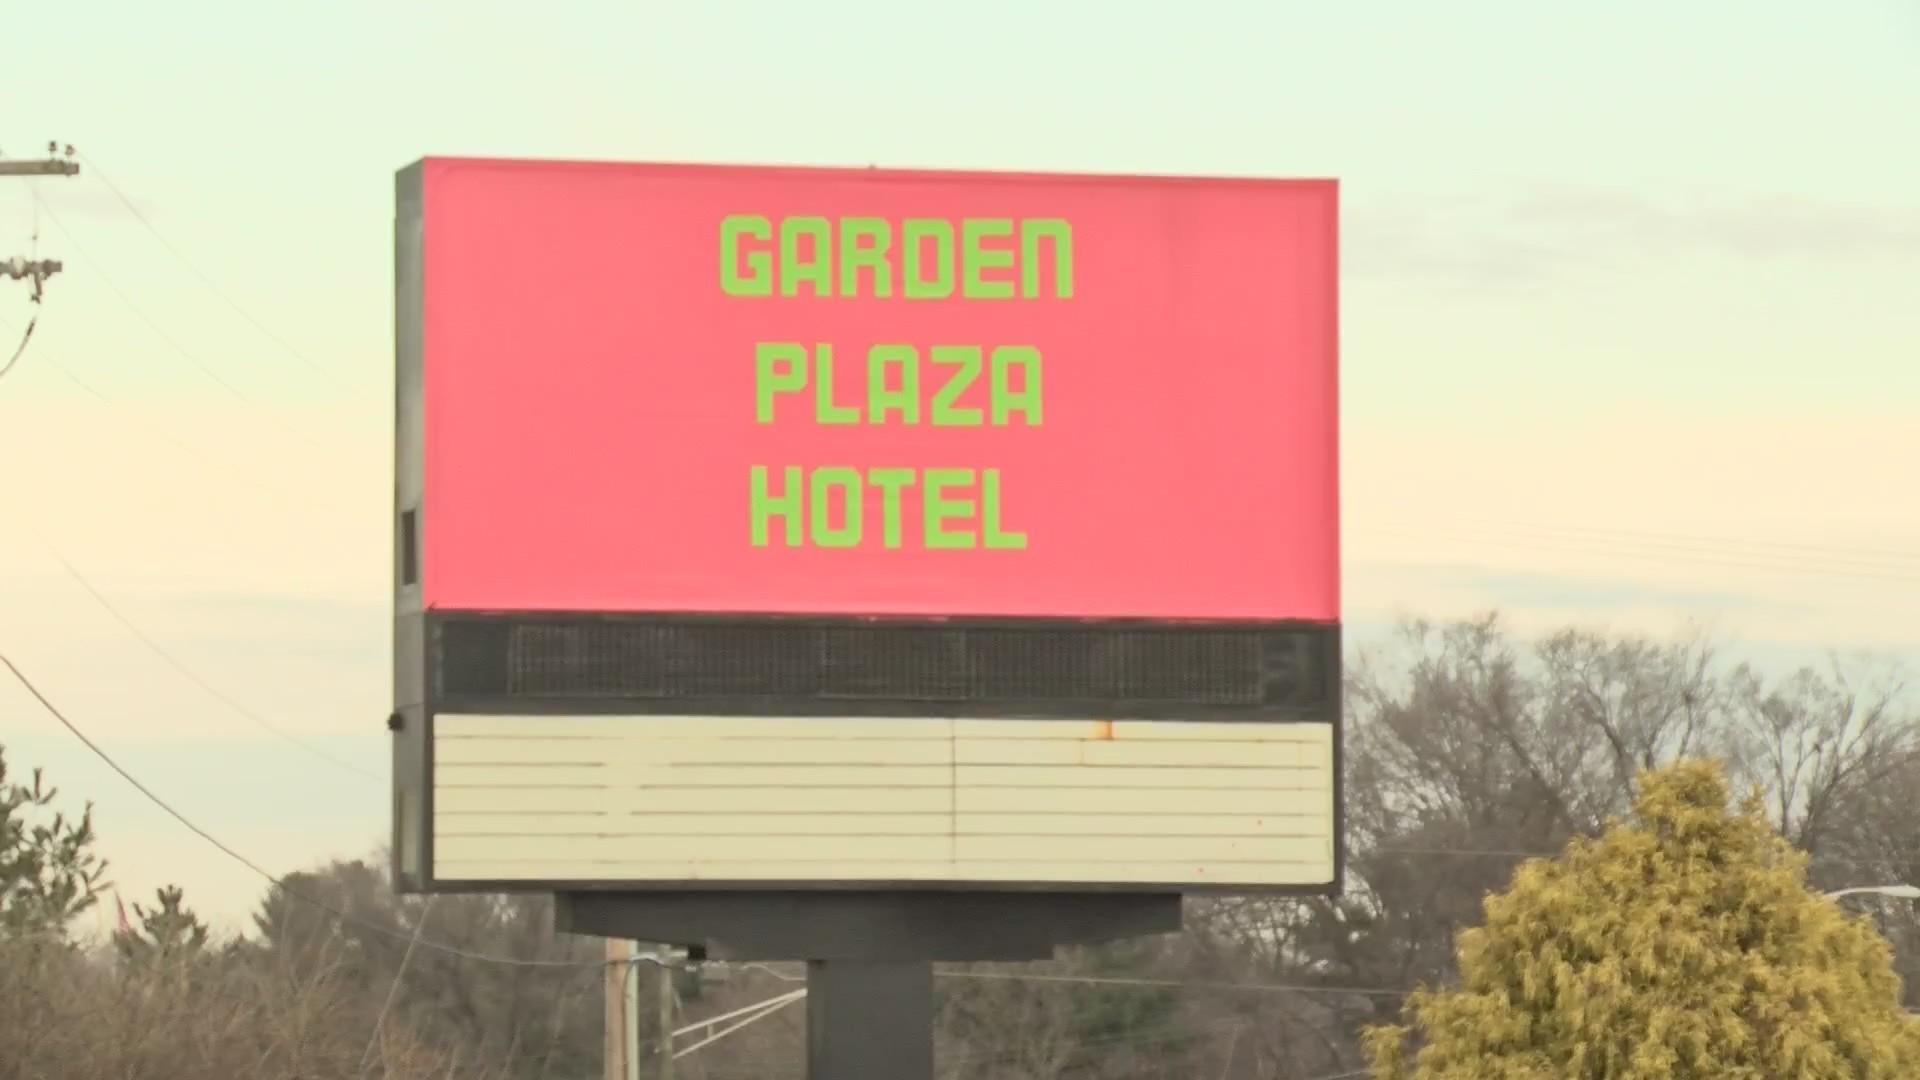 Garden_Plaza_Hotel_Closes_0_20180202001528